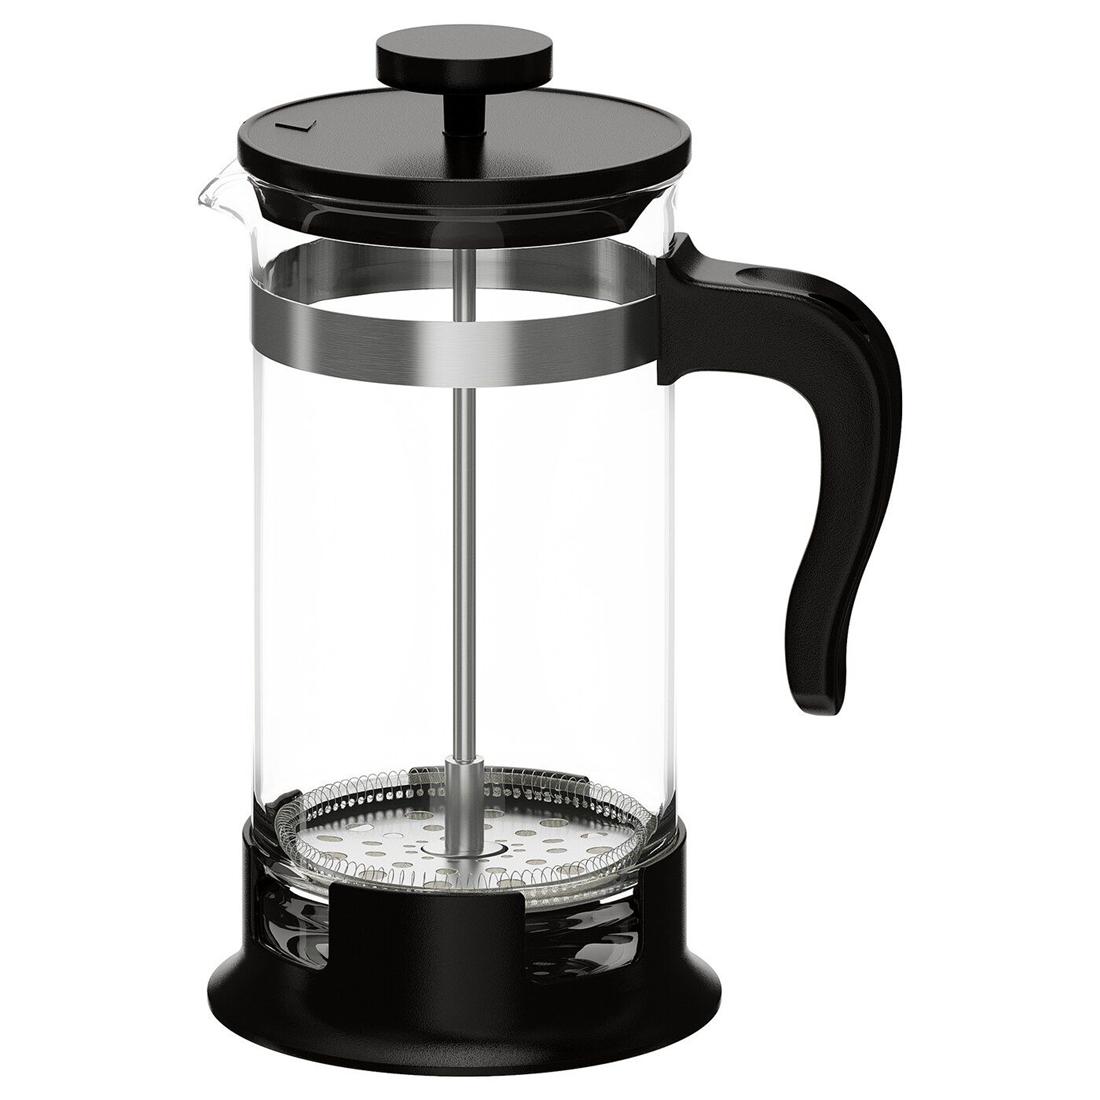 Кофе-пресс/заварочный чайник, стекло, нержавеющ сталь, 1 л УПХЕТТА [903.721.85] 903.721.85